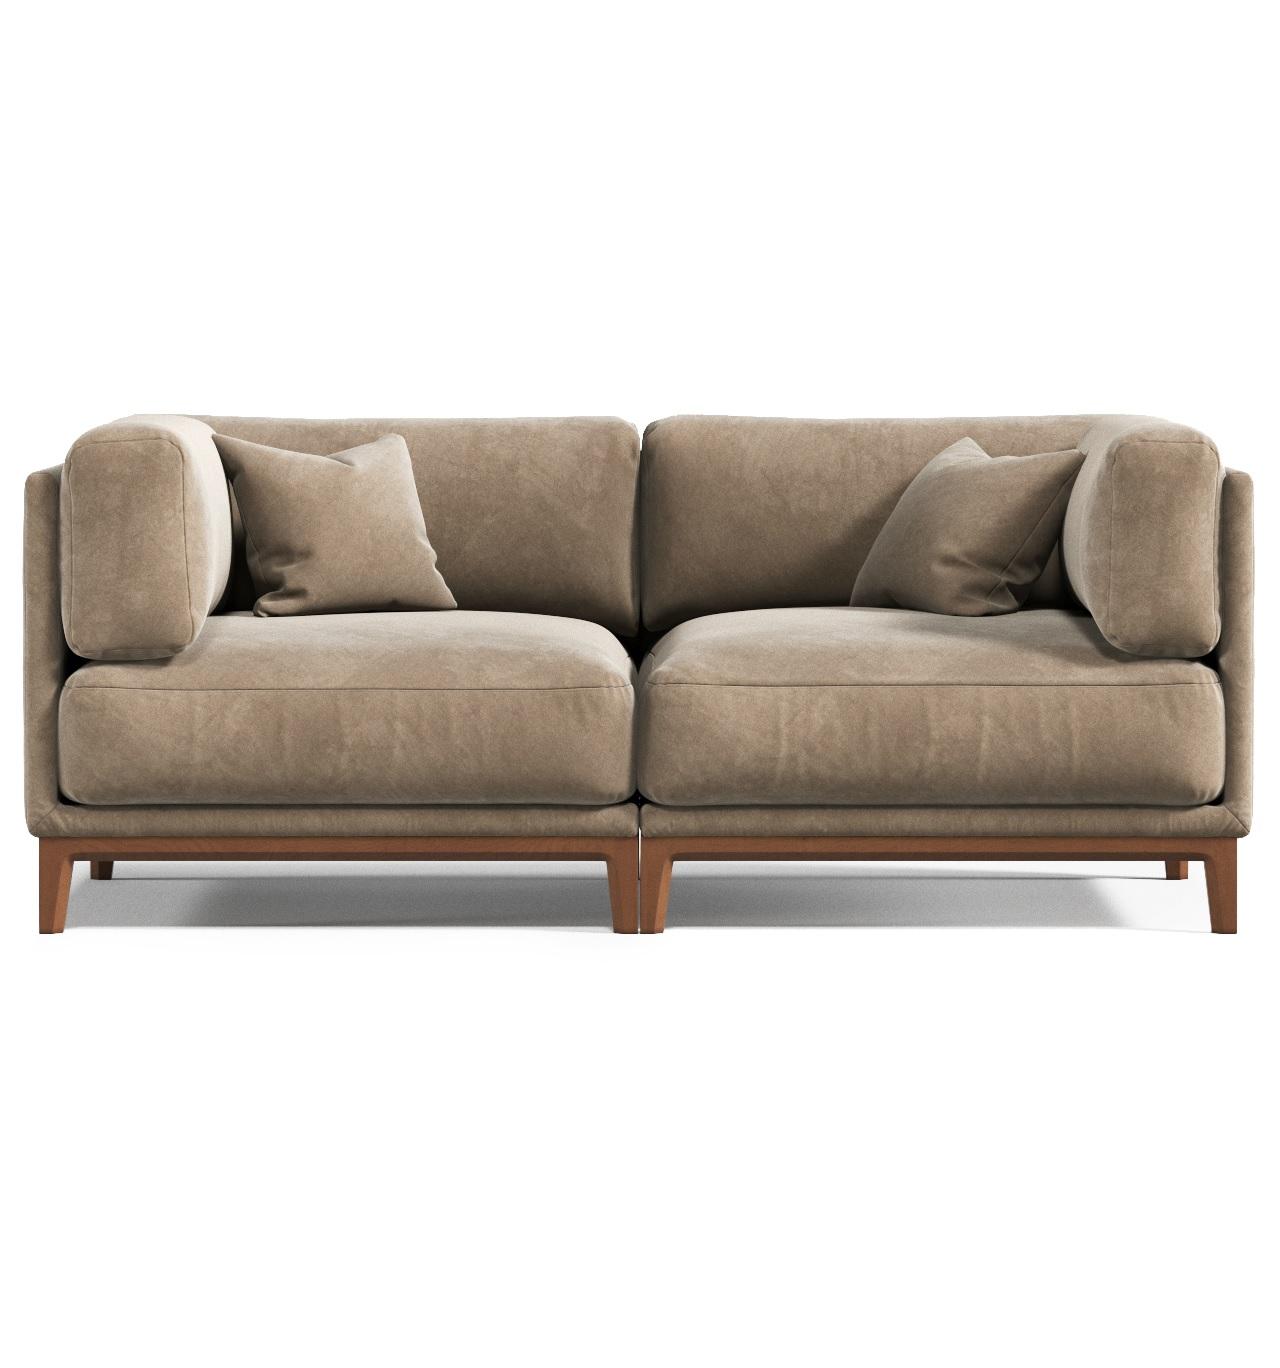 Диван Case 6Двухместные диваны<br>&amp;lt;div&amp;gt;Эта модель двухместного дивана подойдет в любые помещения благодаря модульной конструкции, современному дизайну и эргономичному наполнителю. Объемные подушки из прорезиненного пенополиуретана нескольких степеней жесткости вместе с удобной глубокой посадкой создают необычайно комфортную зону отдыха и легко восстанавливают форму.&amp;lt;br&amp;gt;&amp;lt;/div&amp;gt;&amp;lt;div&amp;gt;&amp;lt;br&amp;gt;&amp;lt;/div&amp;gt;&amp;lt;div&amp;gt;Все чехлы съемные, их легко стирать. Диваны не имеют оборотной стороны и могут устанавливаться в центре помещения. В комплекте с диваном поставляются декоративные подушки.&amp;amp;nbsp;&amp;lt;div&amp;gt;Диван Case доступен к заказу в нескольких категориях ткани и с 5 вариантами тонировки ножек. Кроме того, возможен заказ дивана Case в индивидуальном размере и в собственной ткани.&amp;lt;/div&amp;gt;&amp;lt;div&amp;gt;Вы можете выбрать любой цвет обивки из палитры. В категории 2 цена без изменения. Категории 1 и 3 цена по запросу у менеджера.&amp;amp;nbsp;&amp;lt;div&amp;gt;Также возможны нестандартные варианты сочетания обивки и отделки дивана. Гарантия на изделия составляет 3 года.&amp;lt;/div&amp;gt;&amp;lt;/div&amp;gt;&amp;lt;/div&amp;gt;<br><br>Material: Текстиль<br>Length см: None<br>Width см: 188<br>Depth см: 94<br>Height см: 80<br>Diameter см: None